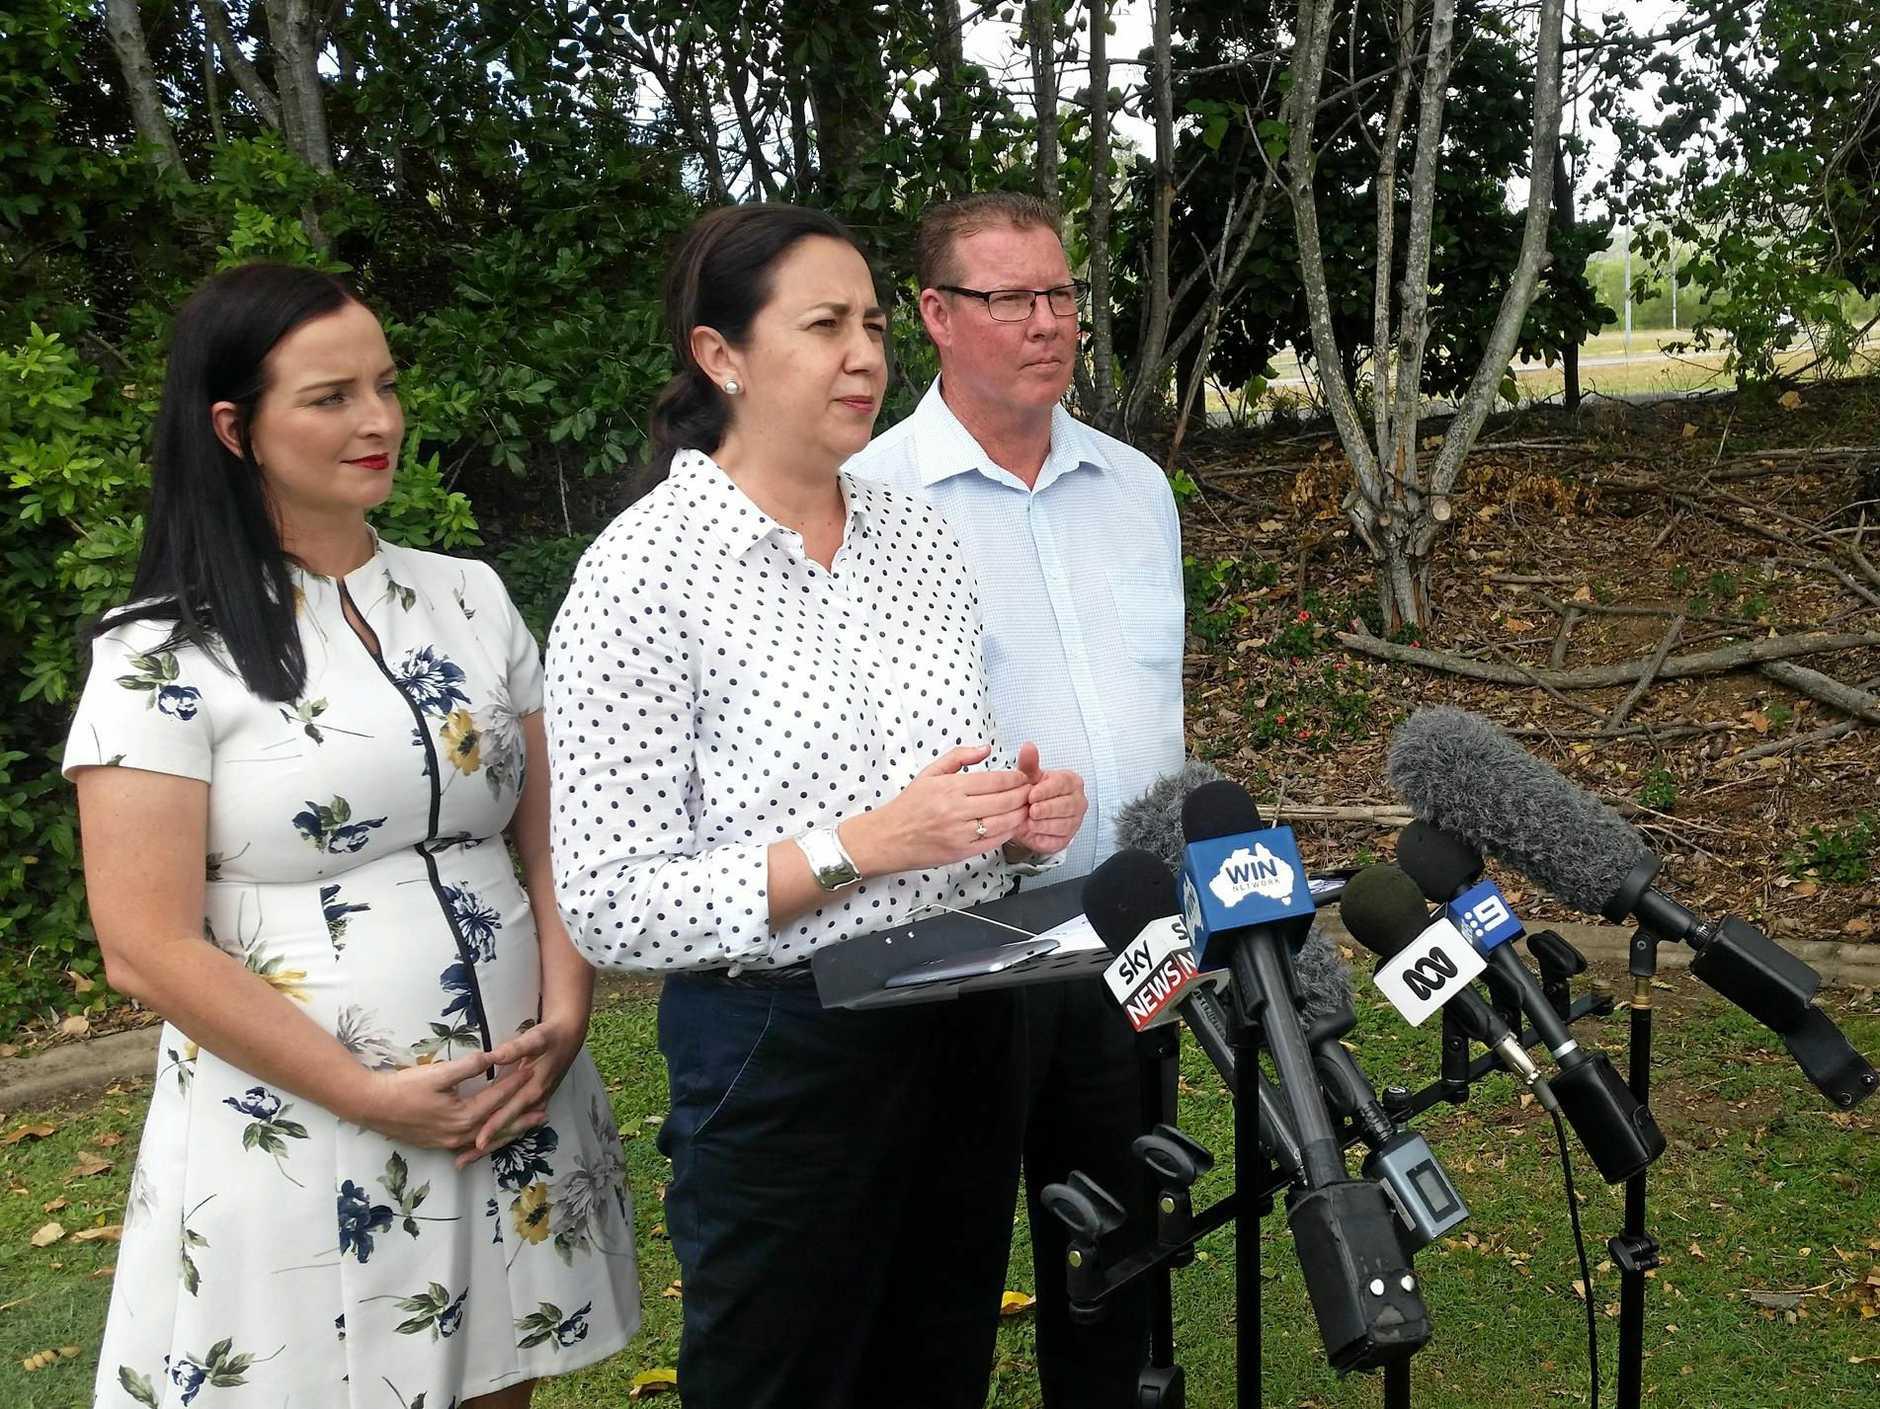 PREMIER VISIT: Queensland's Premier Annastacia Palaszczuk visited Rockhampton twice during the recent election campaign.